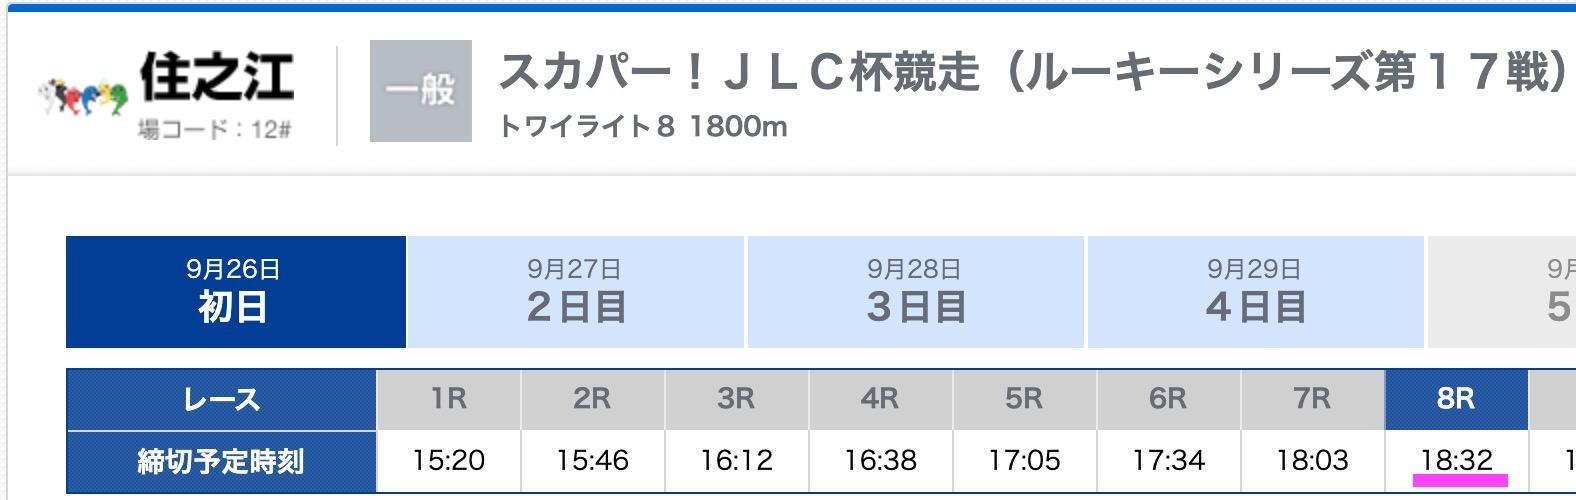 競艇神船(カミフネ)12